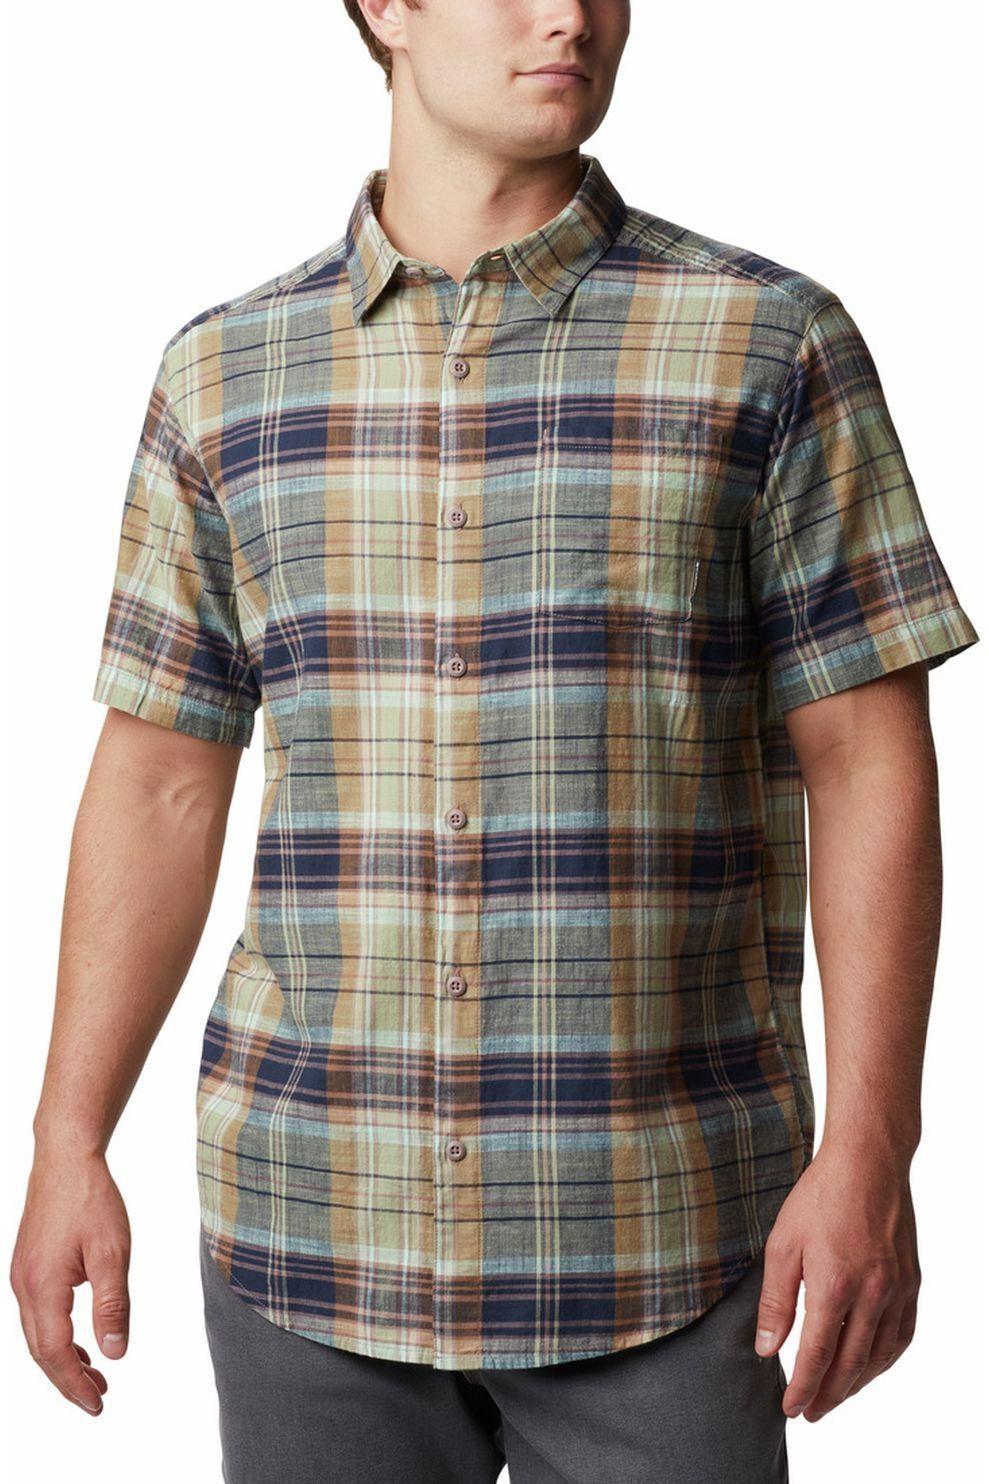 Columbia Hemd Under Exposure Yd voor heren - Blauw/MiddenGroen - Maten: M, L, XL, XXL